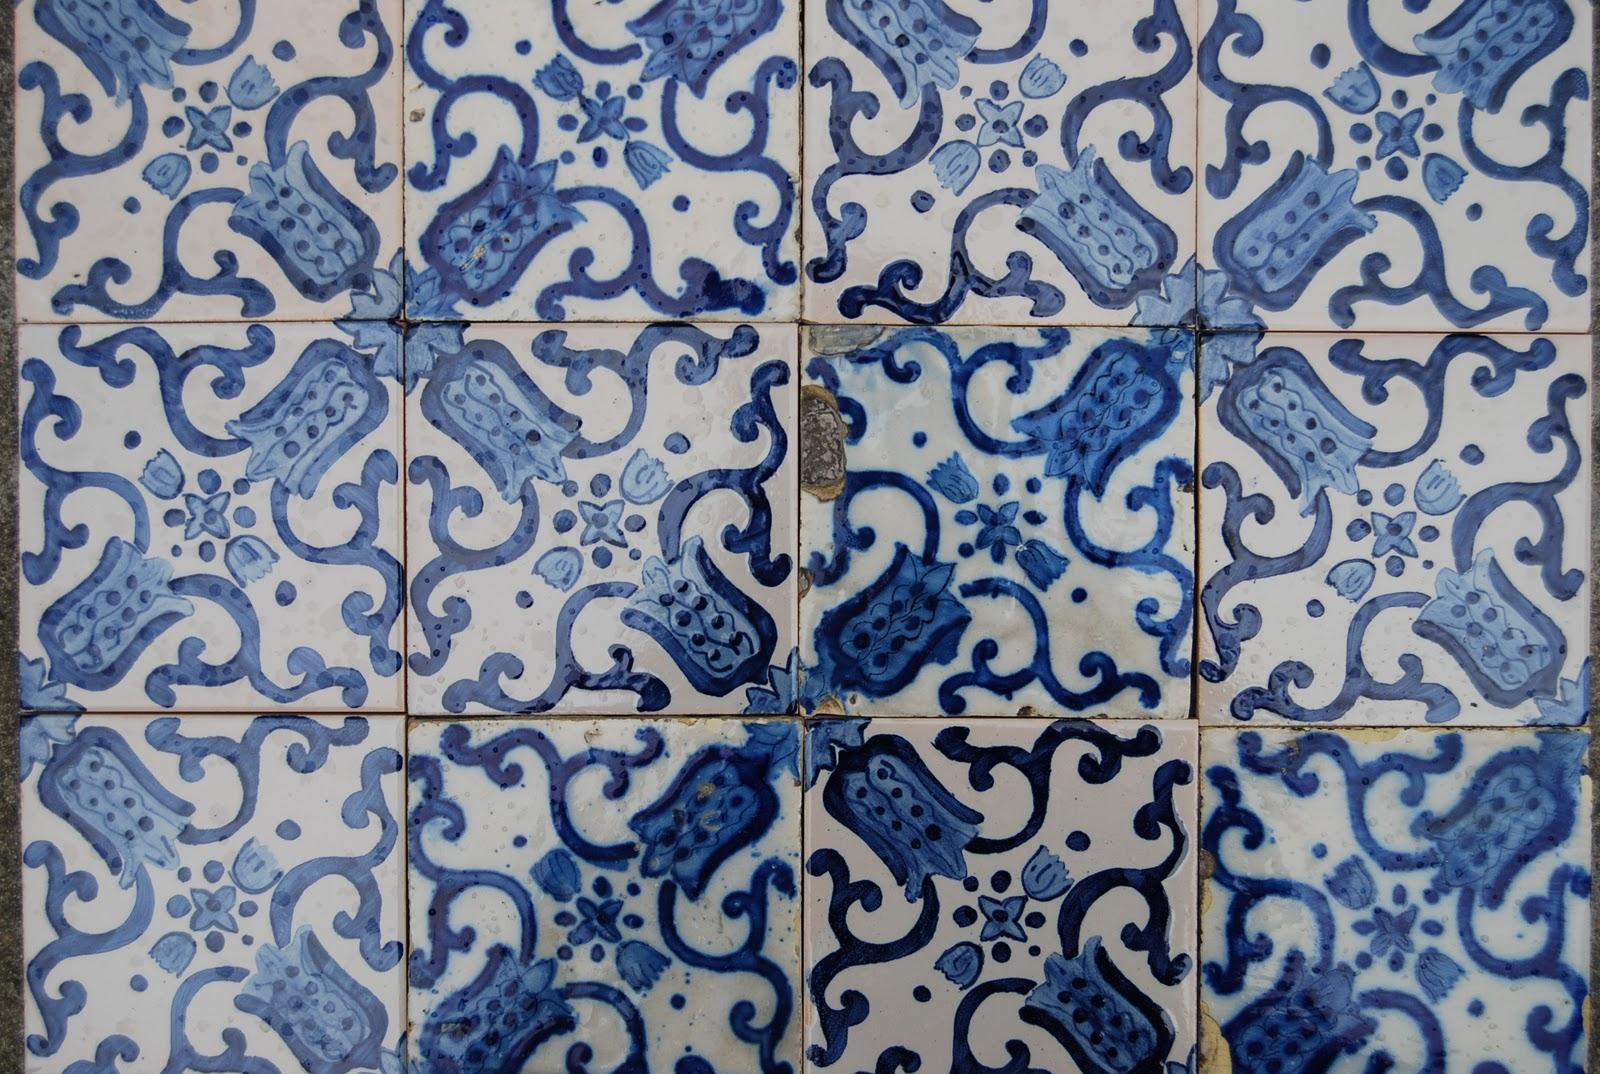 Sofia be a restauro de azulejos - Copia de azulejos ...